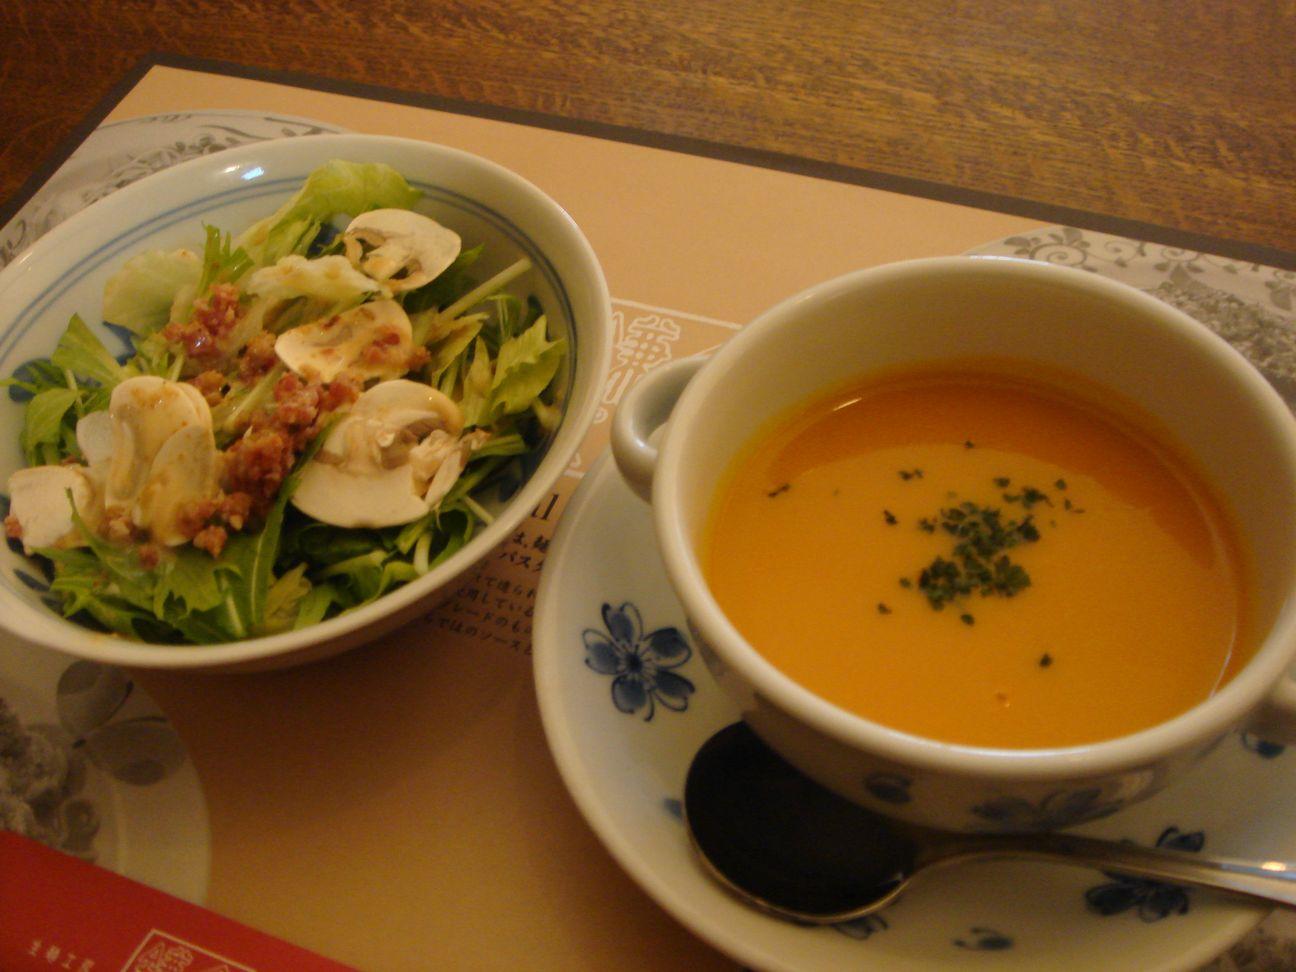 鎌倉パスタ 北加賀屋店